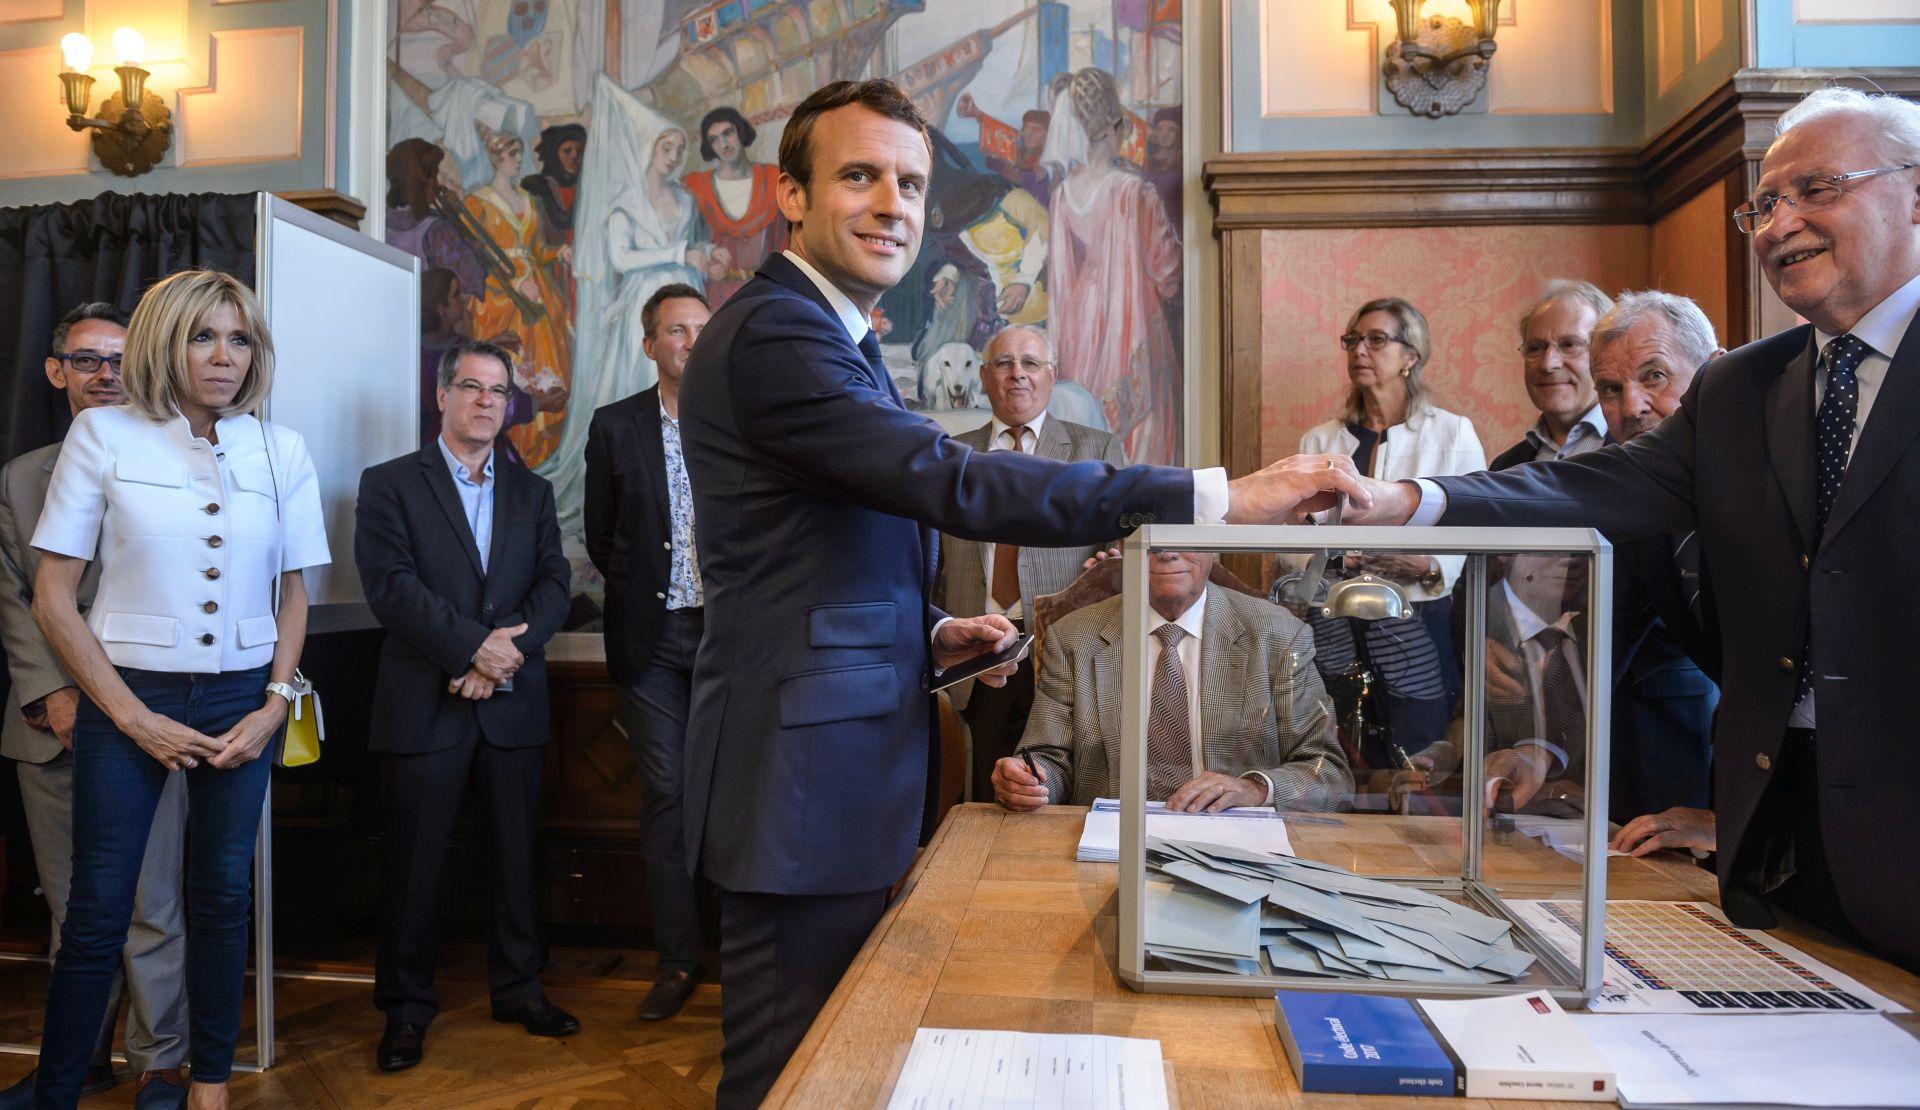 FRANCUSKI PARLAMENTARNI IZBORI Macronu se smiješi velika pobjeda